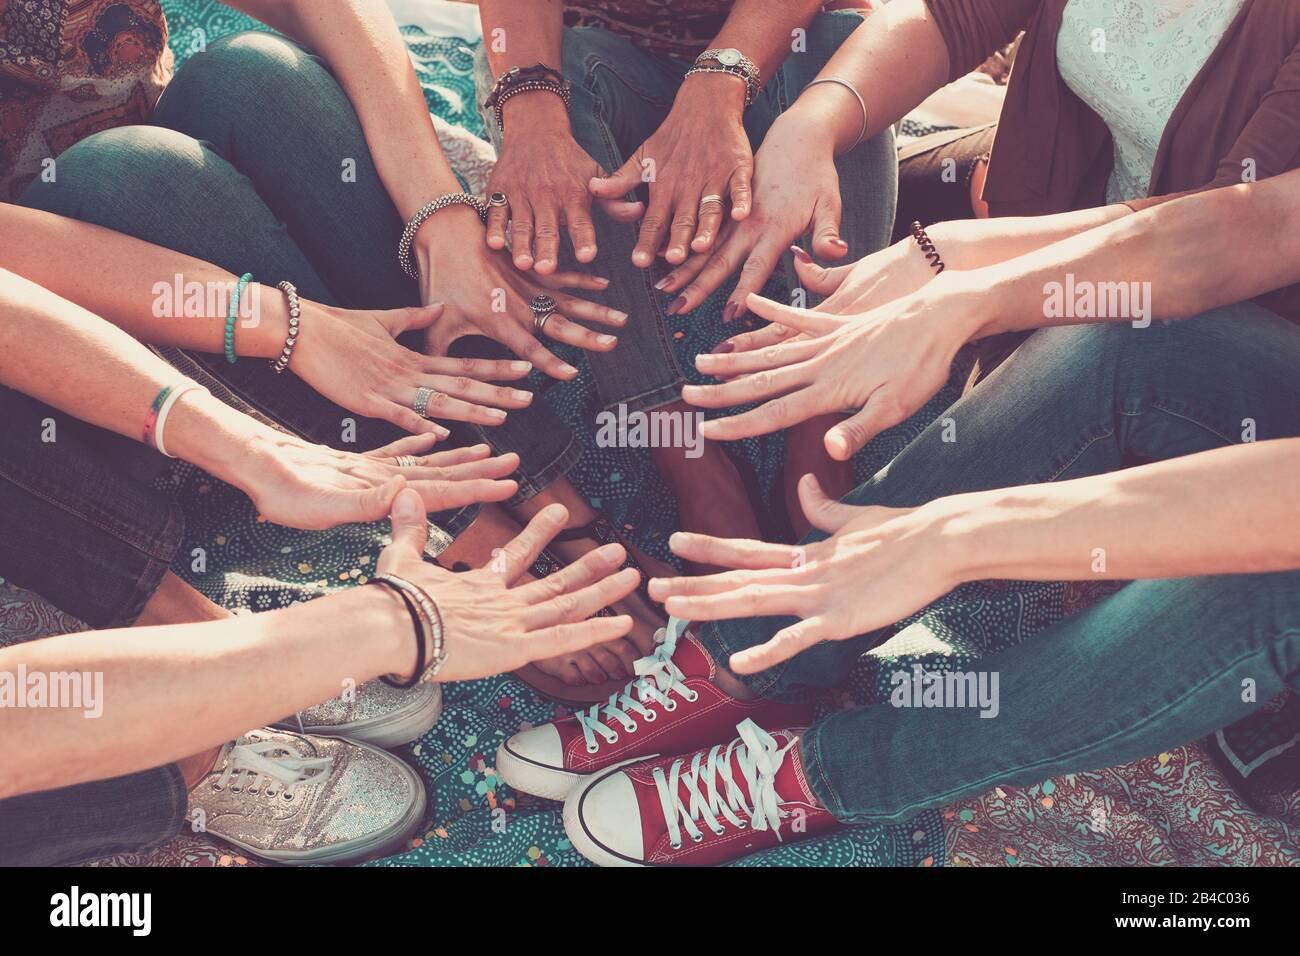 concept d'équipe et d'amitié avec une foule de mains et de pieds tous ensemble toucher et coopérer - caucasiens amis de personnes profitant de l'activité de loisirs en plein air - l'amour hippy Banque D'Images